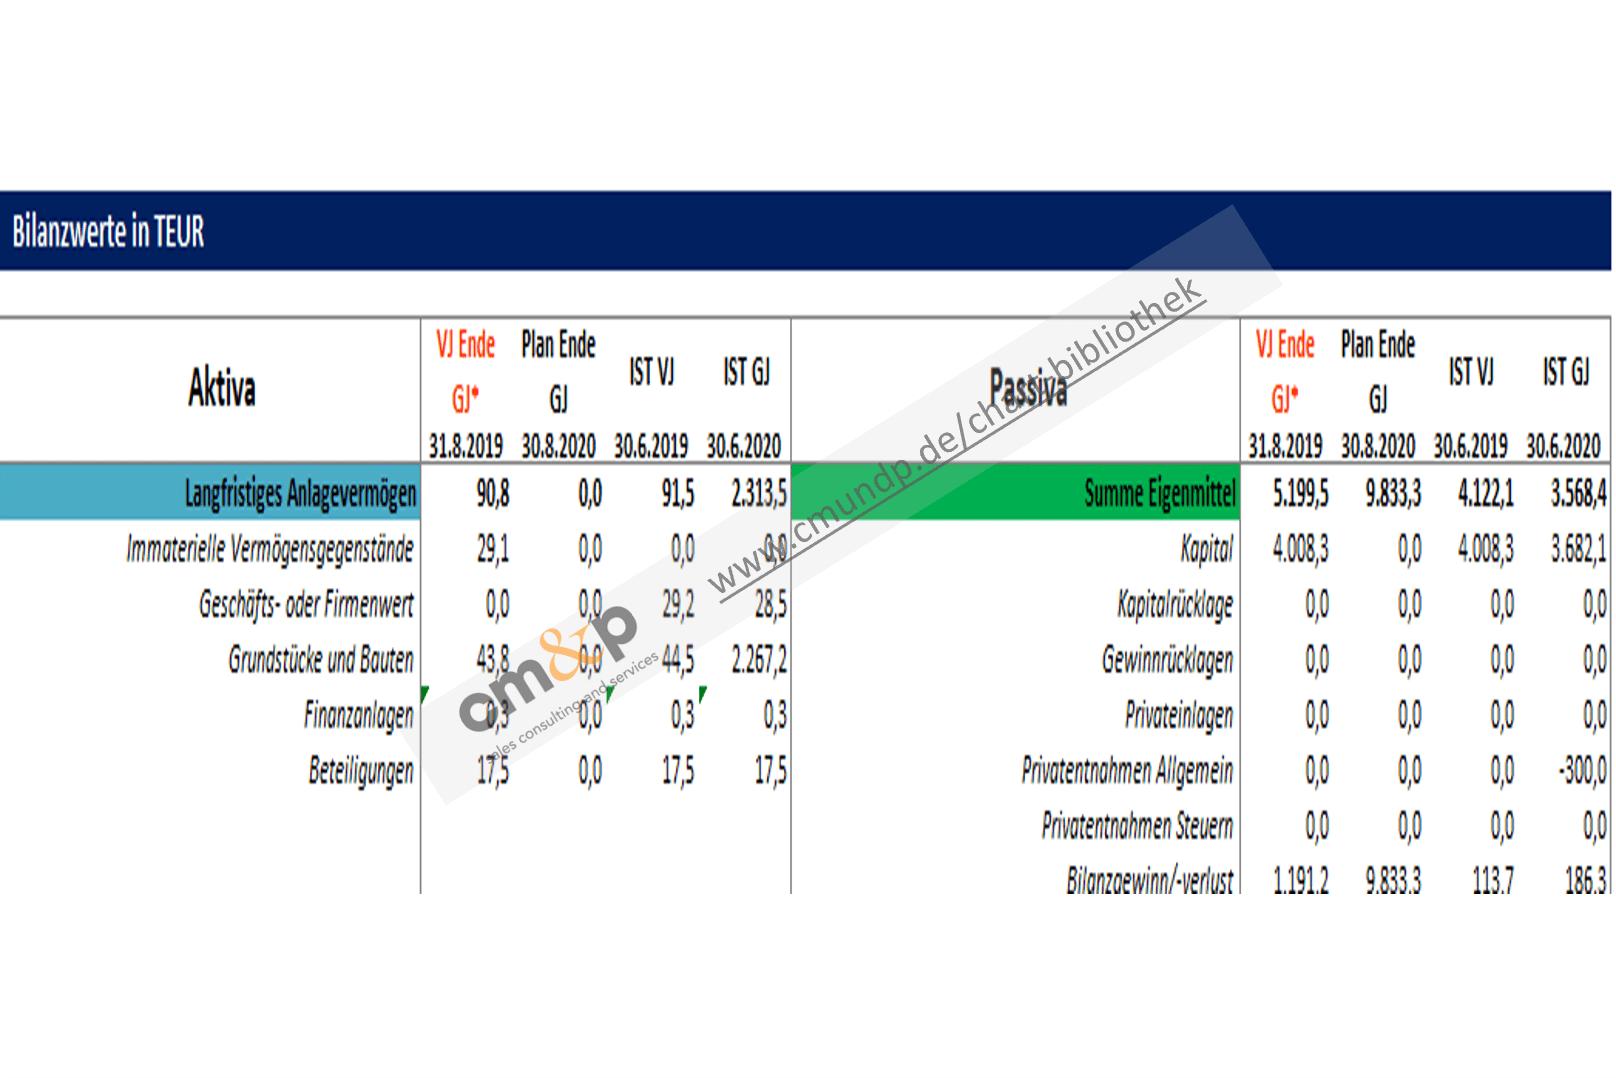 Darstellung der wichtigsten Bilanzwerte von Aktiva und Passiva in TEUR als Vorjahres- und Istwerte, sowie zum Geschäftsjahresende des Vor-und Planjahres